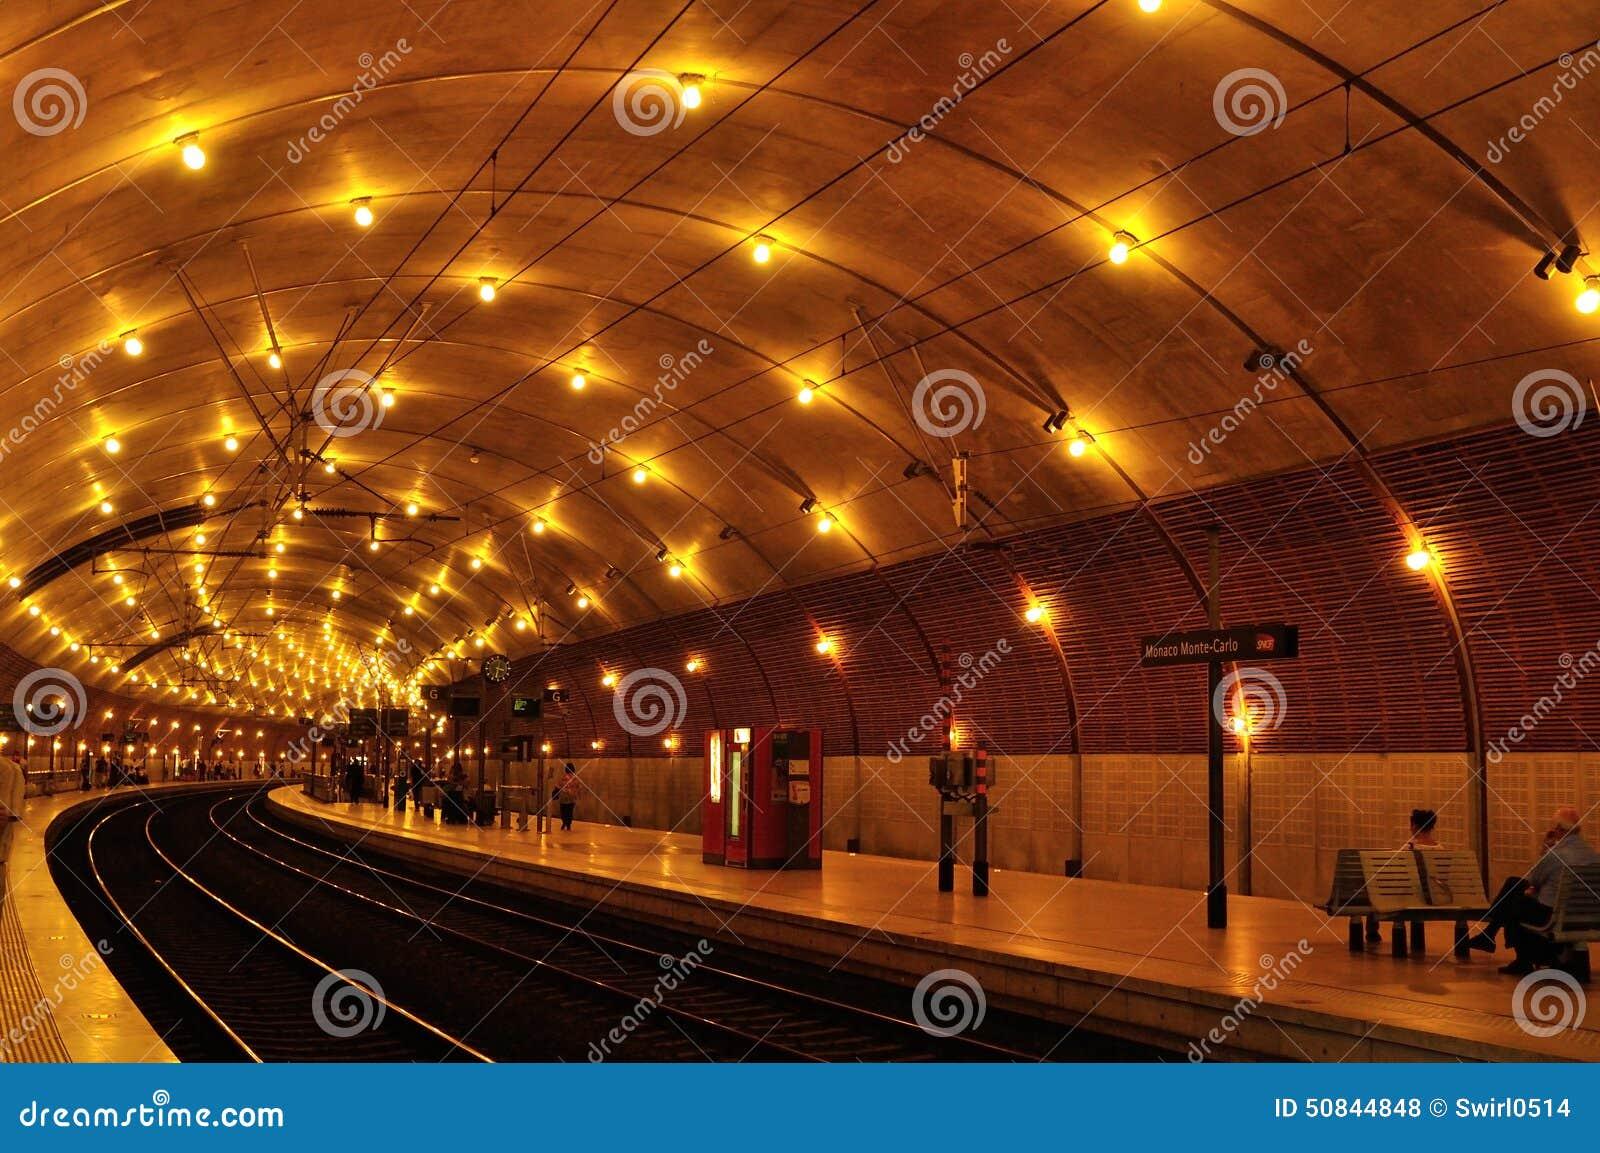 Tunnel Of Subway, Monaco Station Stock Photo - Image: 50844848